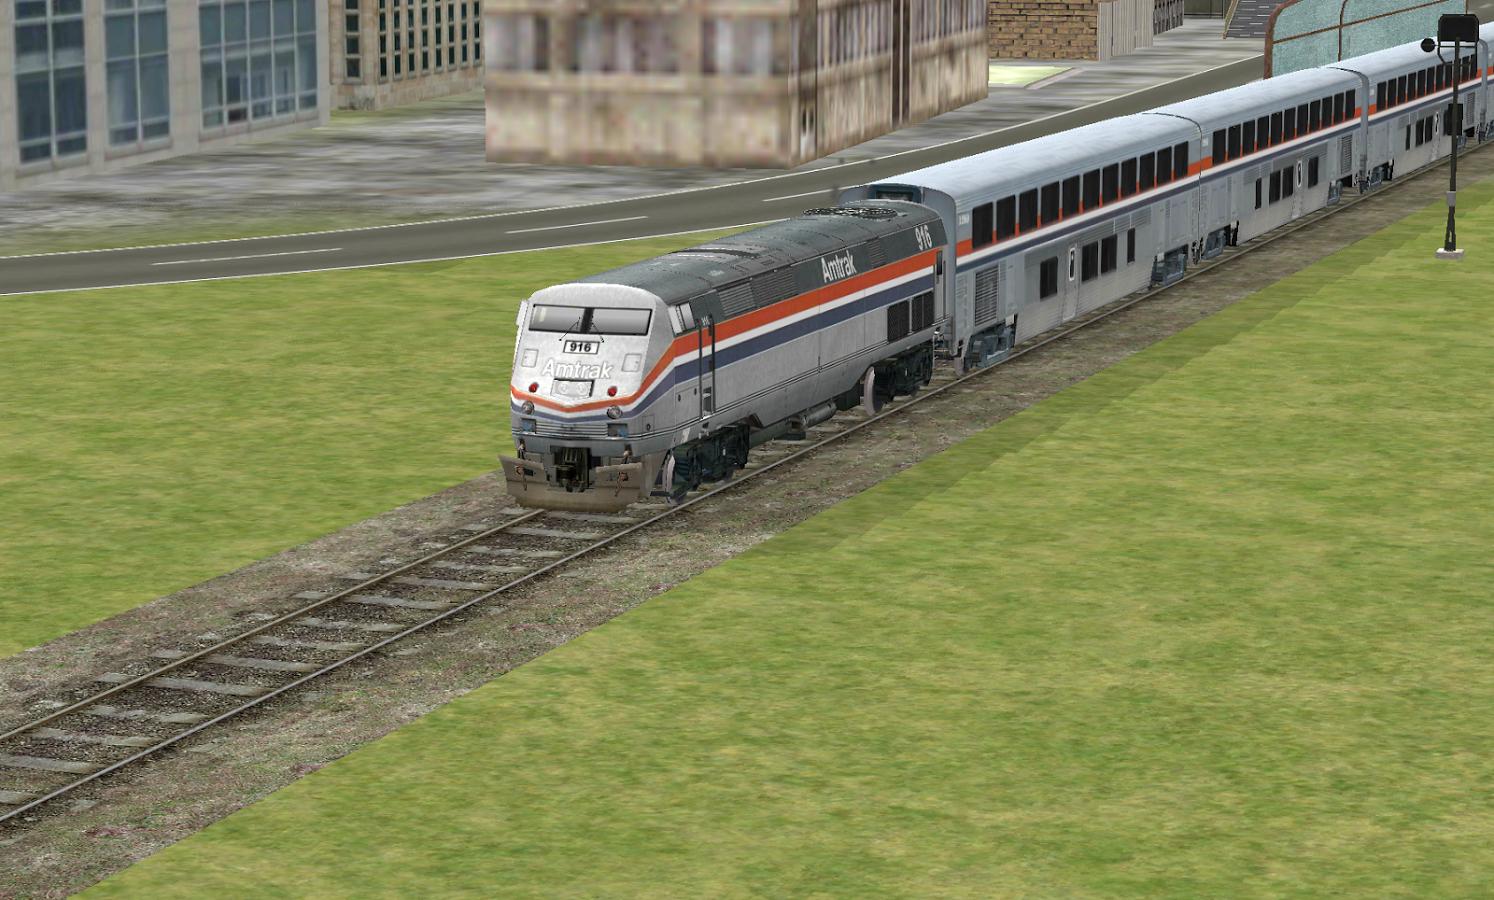 Симулятор пассажирского поезда скачать бесплатно